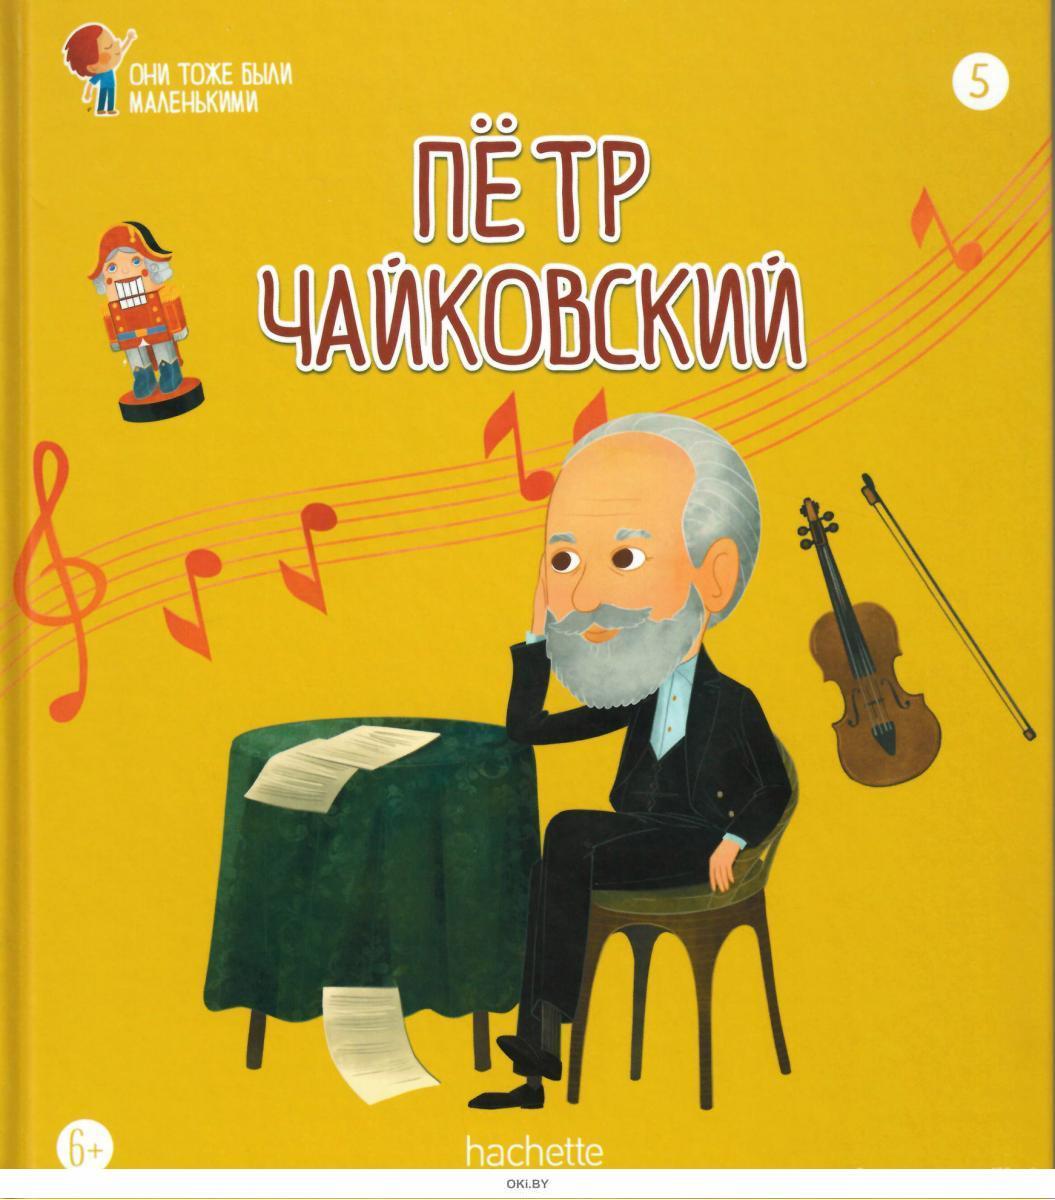 ОНИ ТОЖЕ БЫЛИ МАЛЕНЬКИМИ № 5. Петр Чайковский